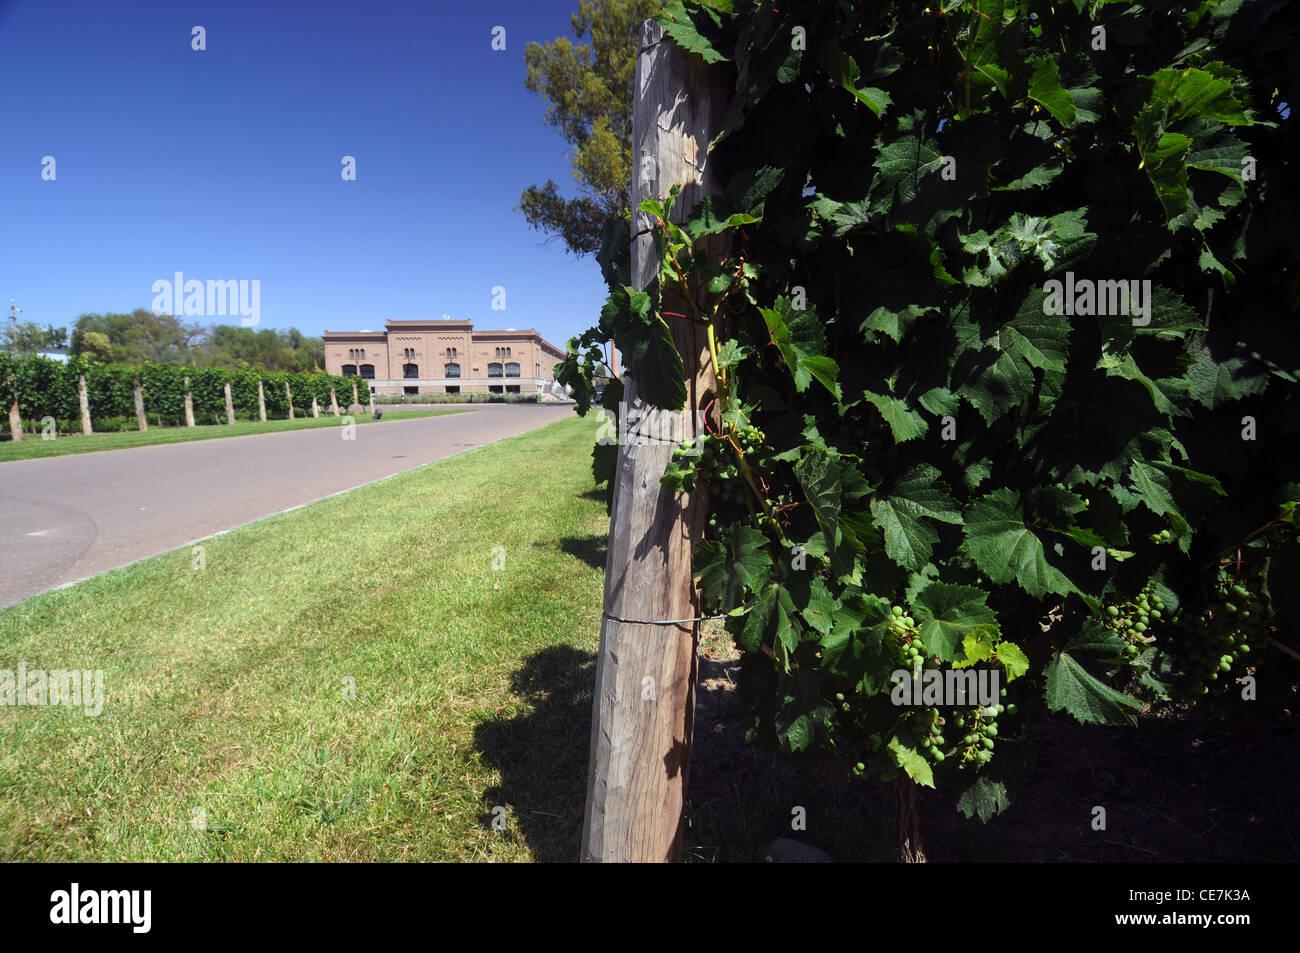 Grapes on vines at Trapiche winery, Mendoza, Argentina. No PR - Stock Image